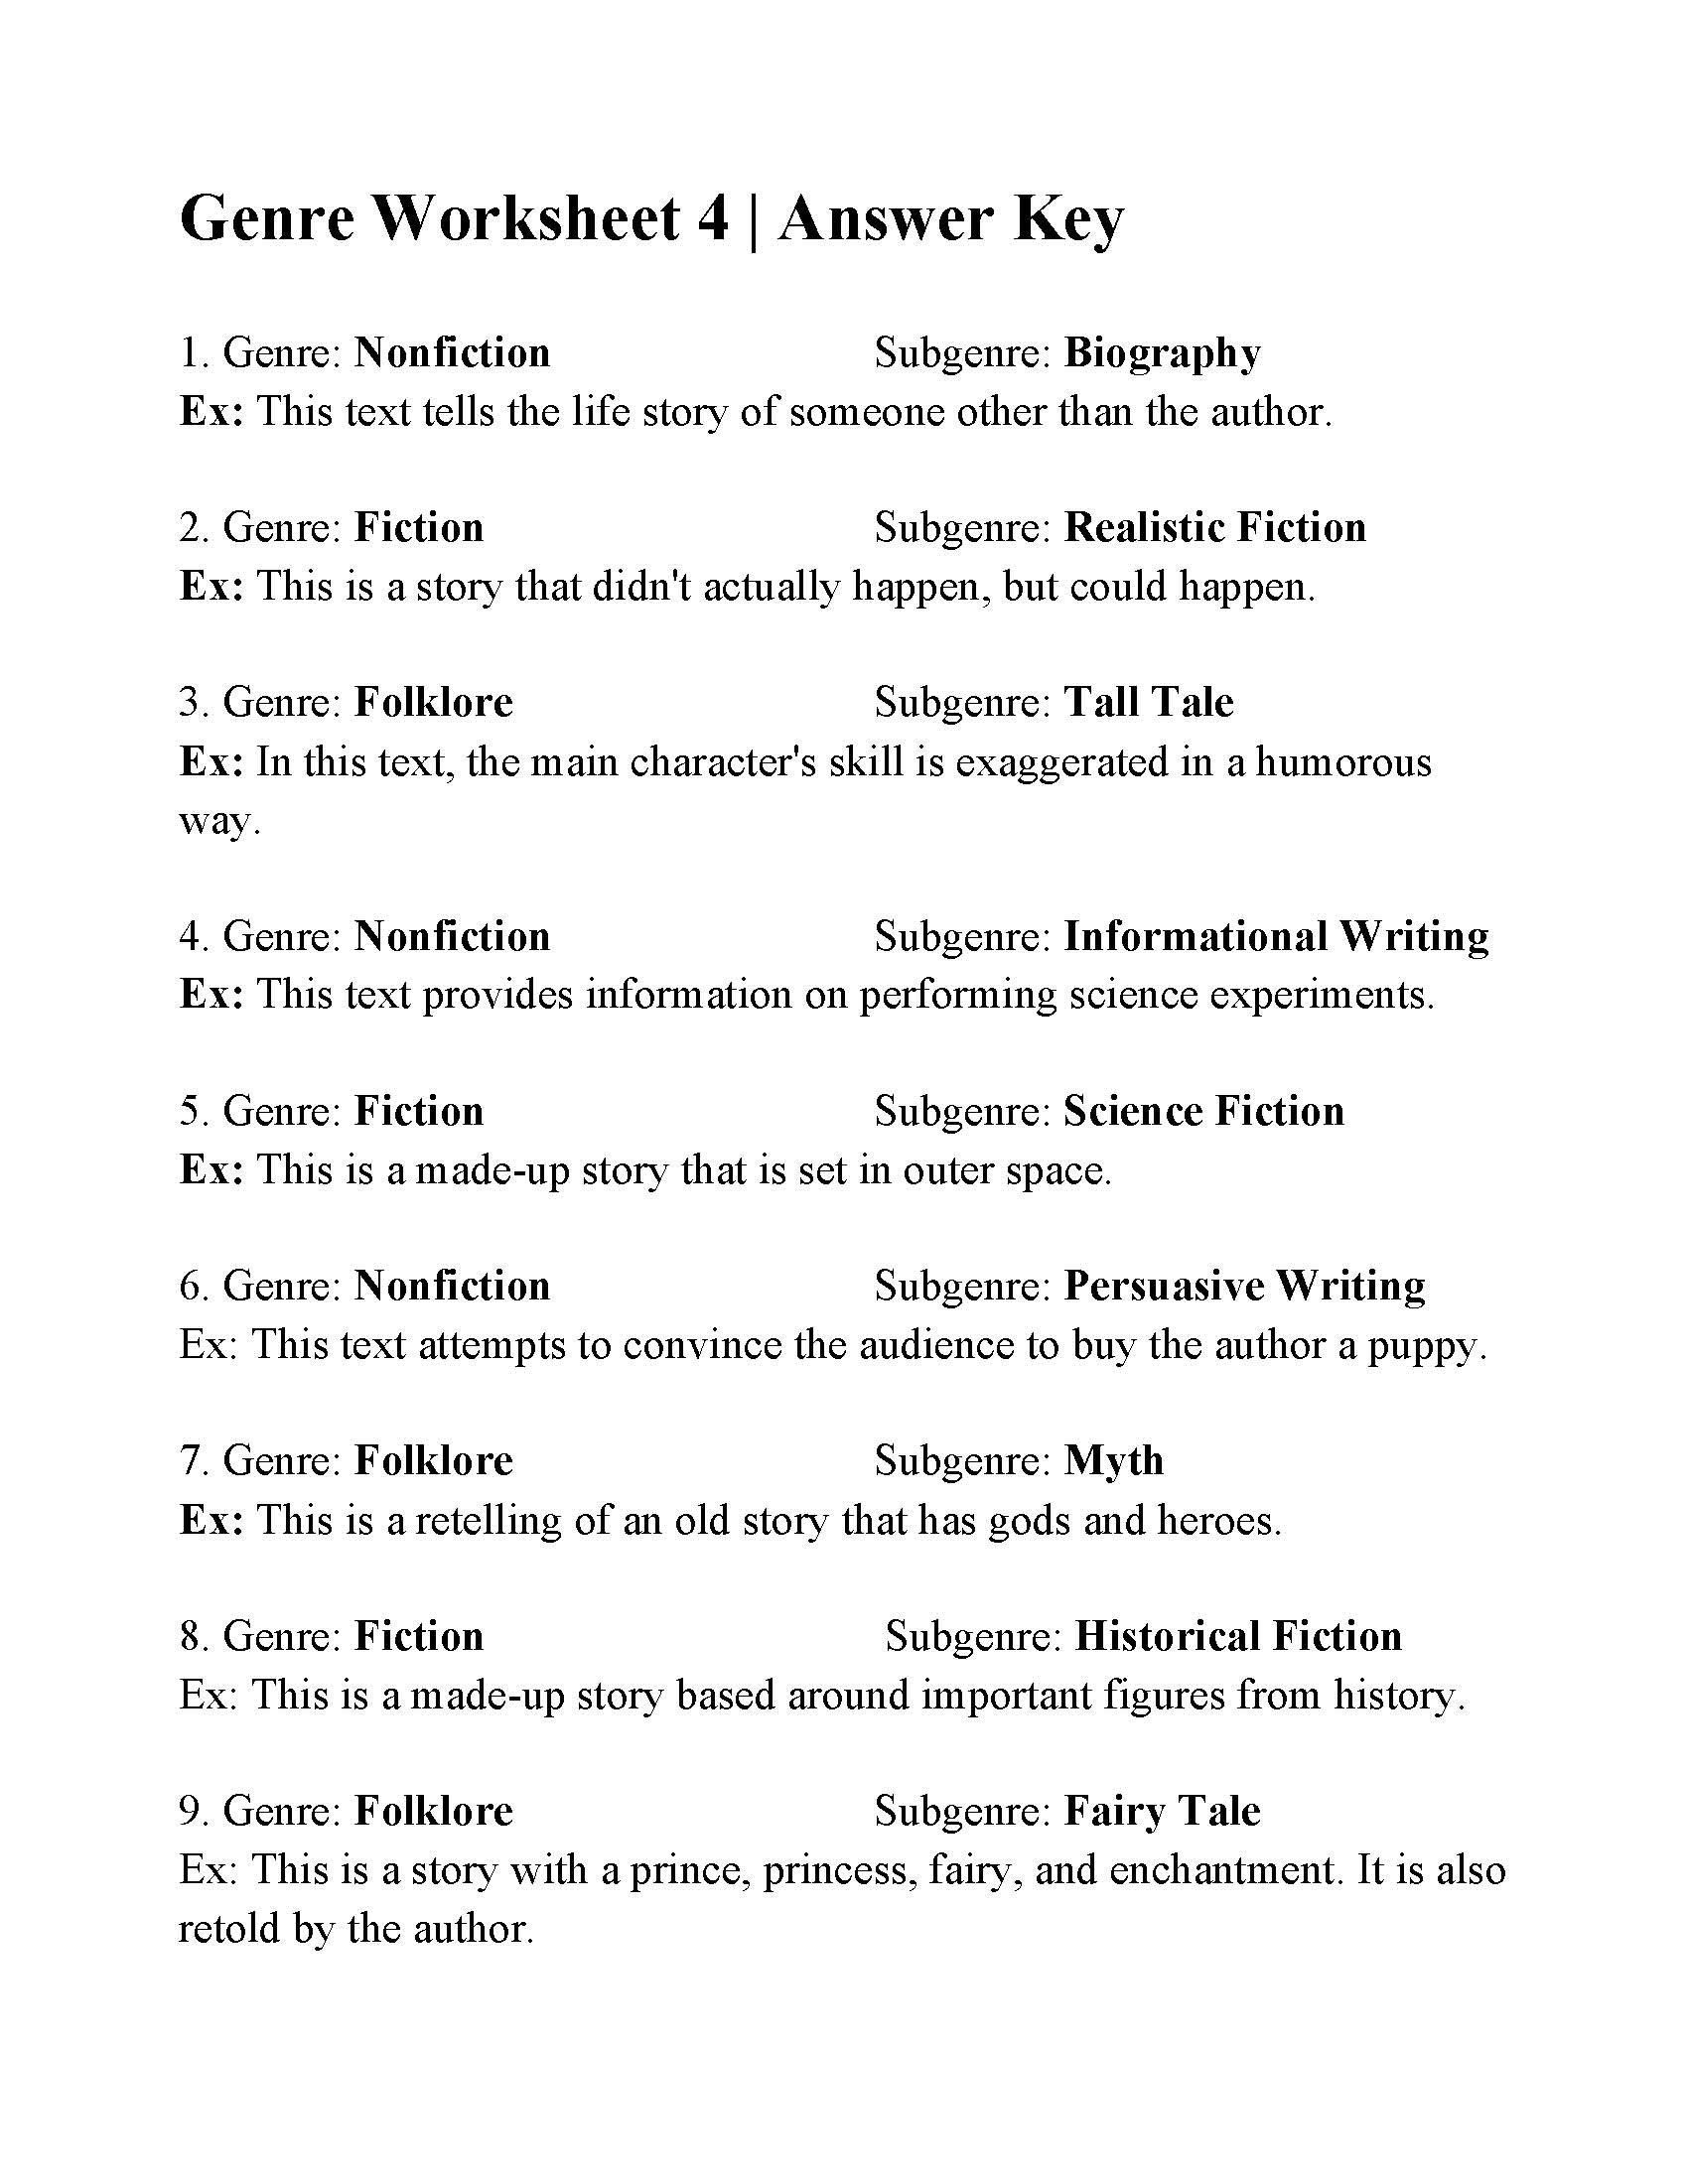 Genre Worksheets 3rd Grade Genre And Subgenre Worksheet 6